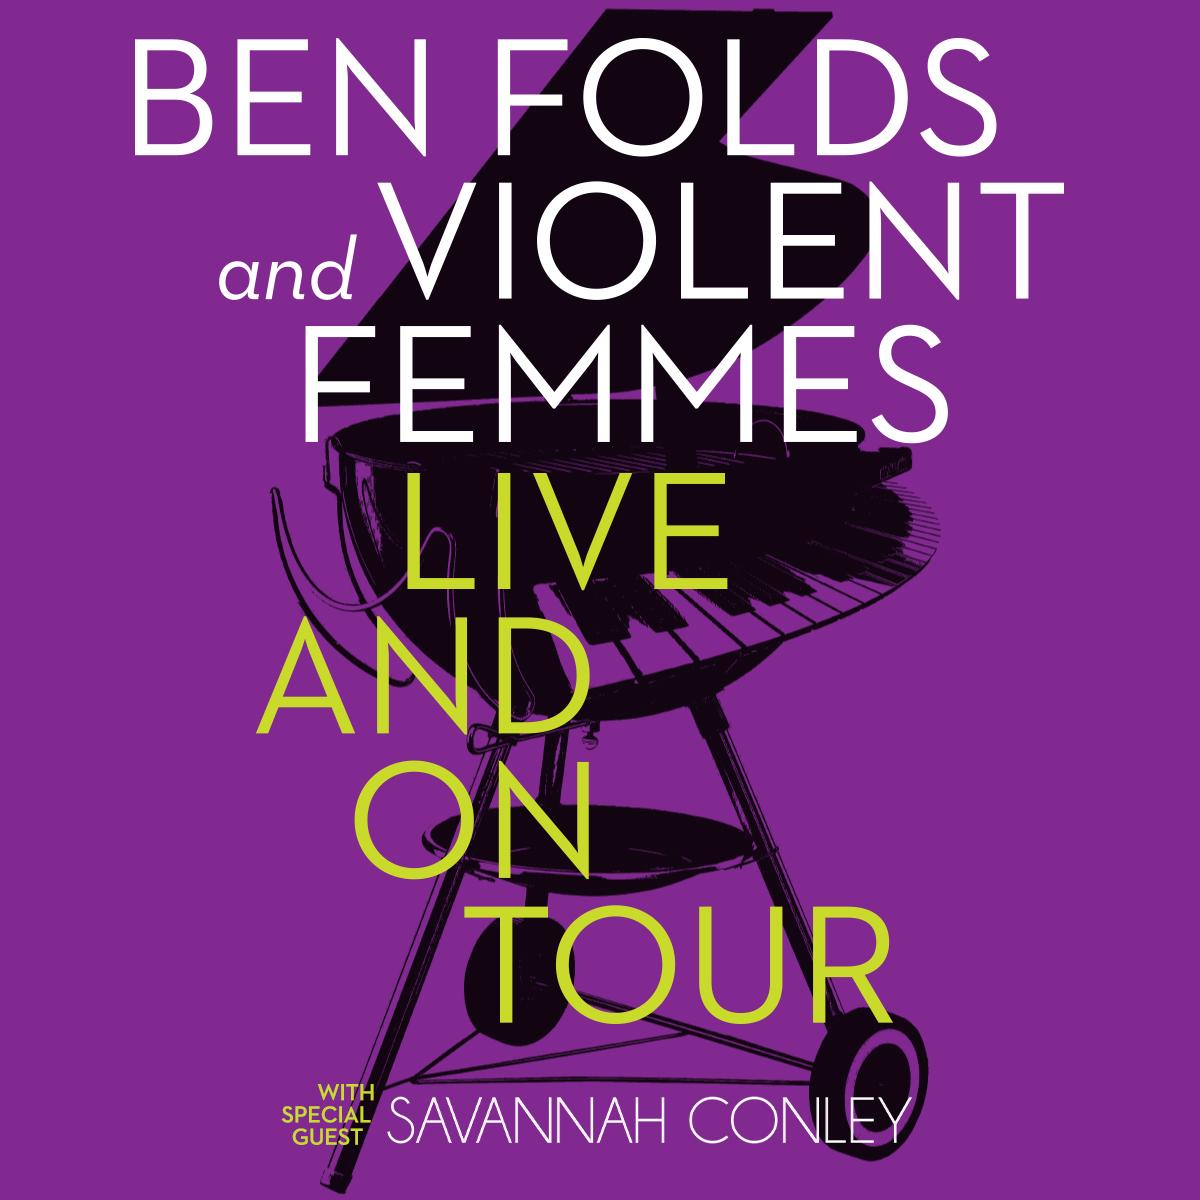 Ben Folds + Violent Femmes with Savannah Conley @ Charlotte Metro Credit Union Amphitheatre